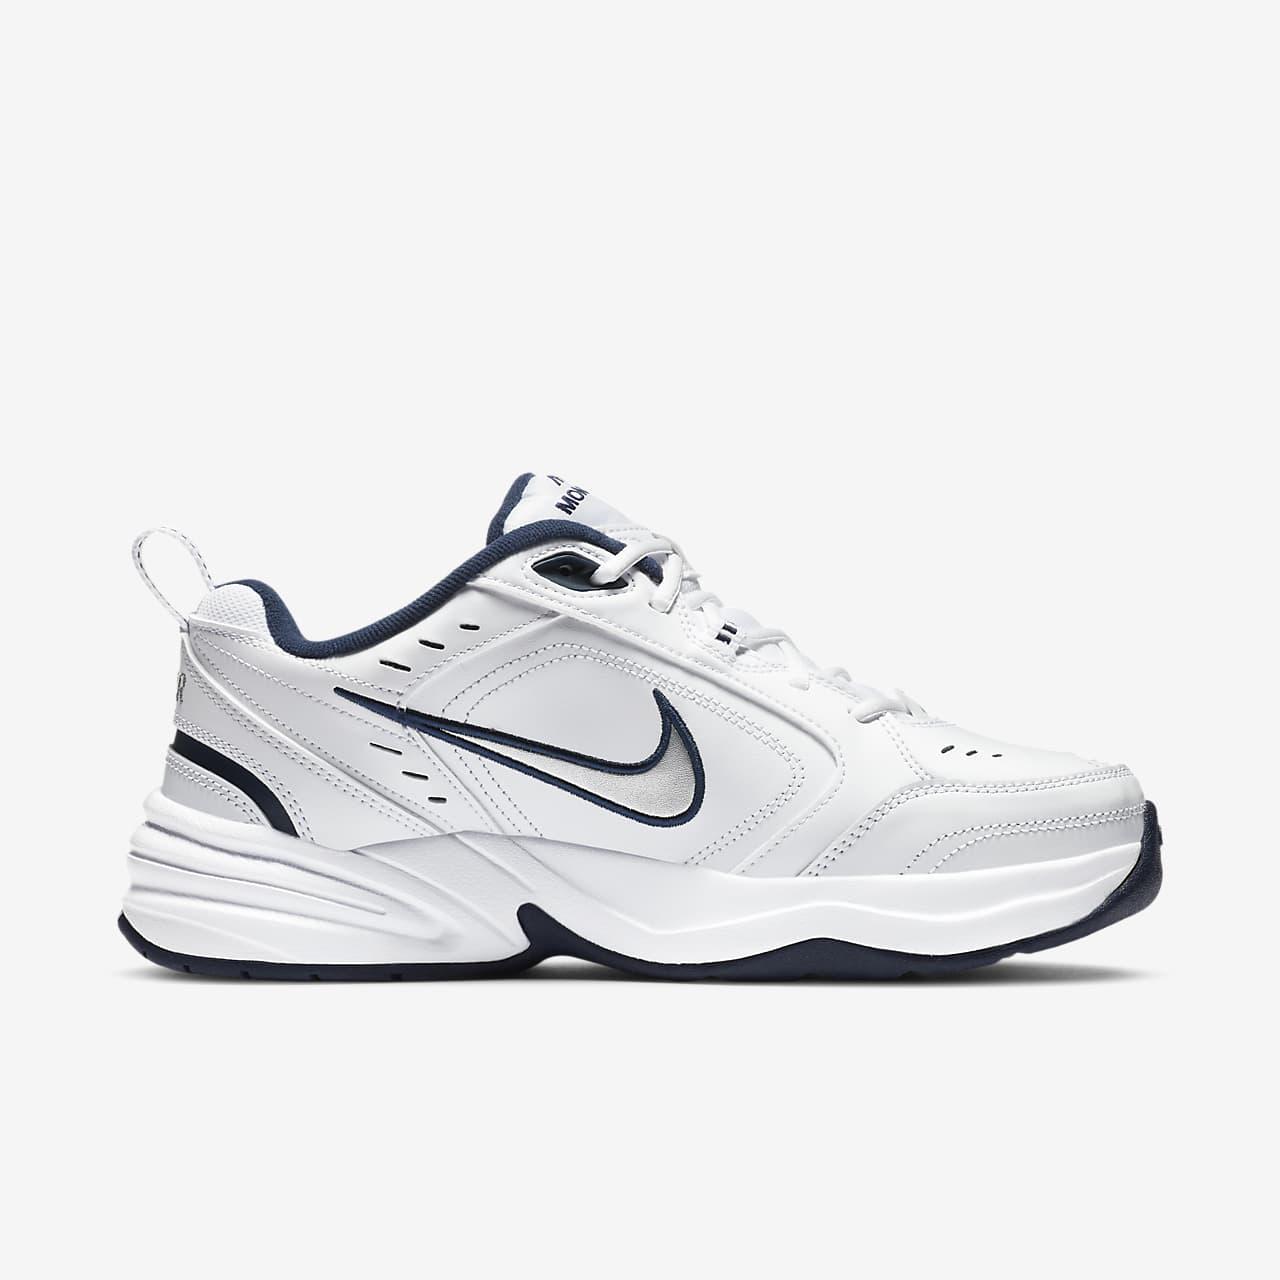 198808760f0 Calzado de gimnasio y estilo de vida Nike Air Monarch IV. Nike.com MX